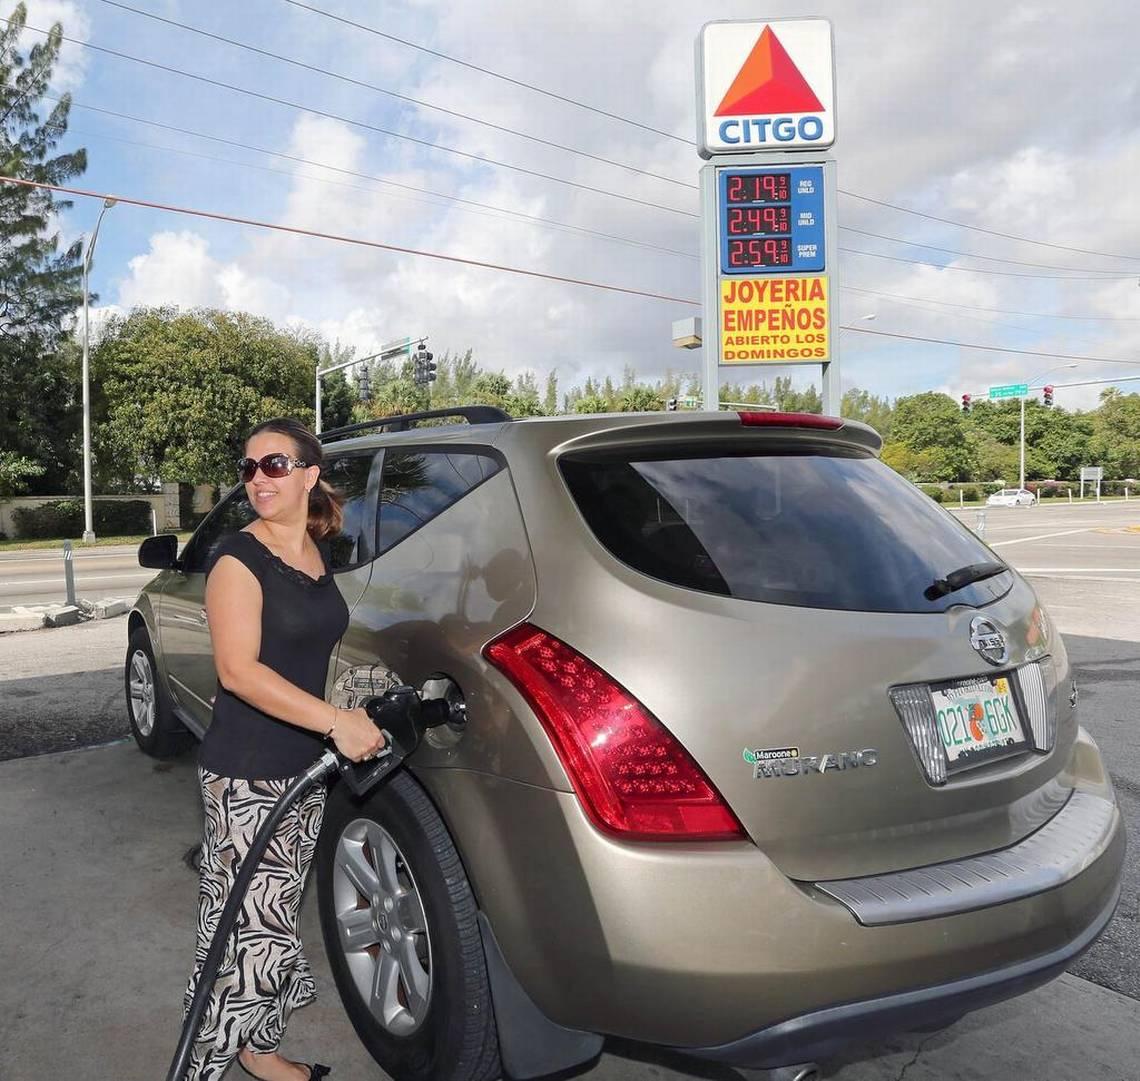 Sanciones petroleras de EEUU a Venezuela son menos probables por preocupaciones con suministro